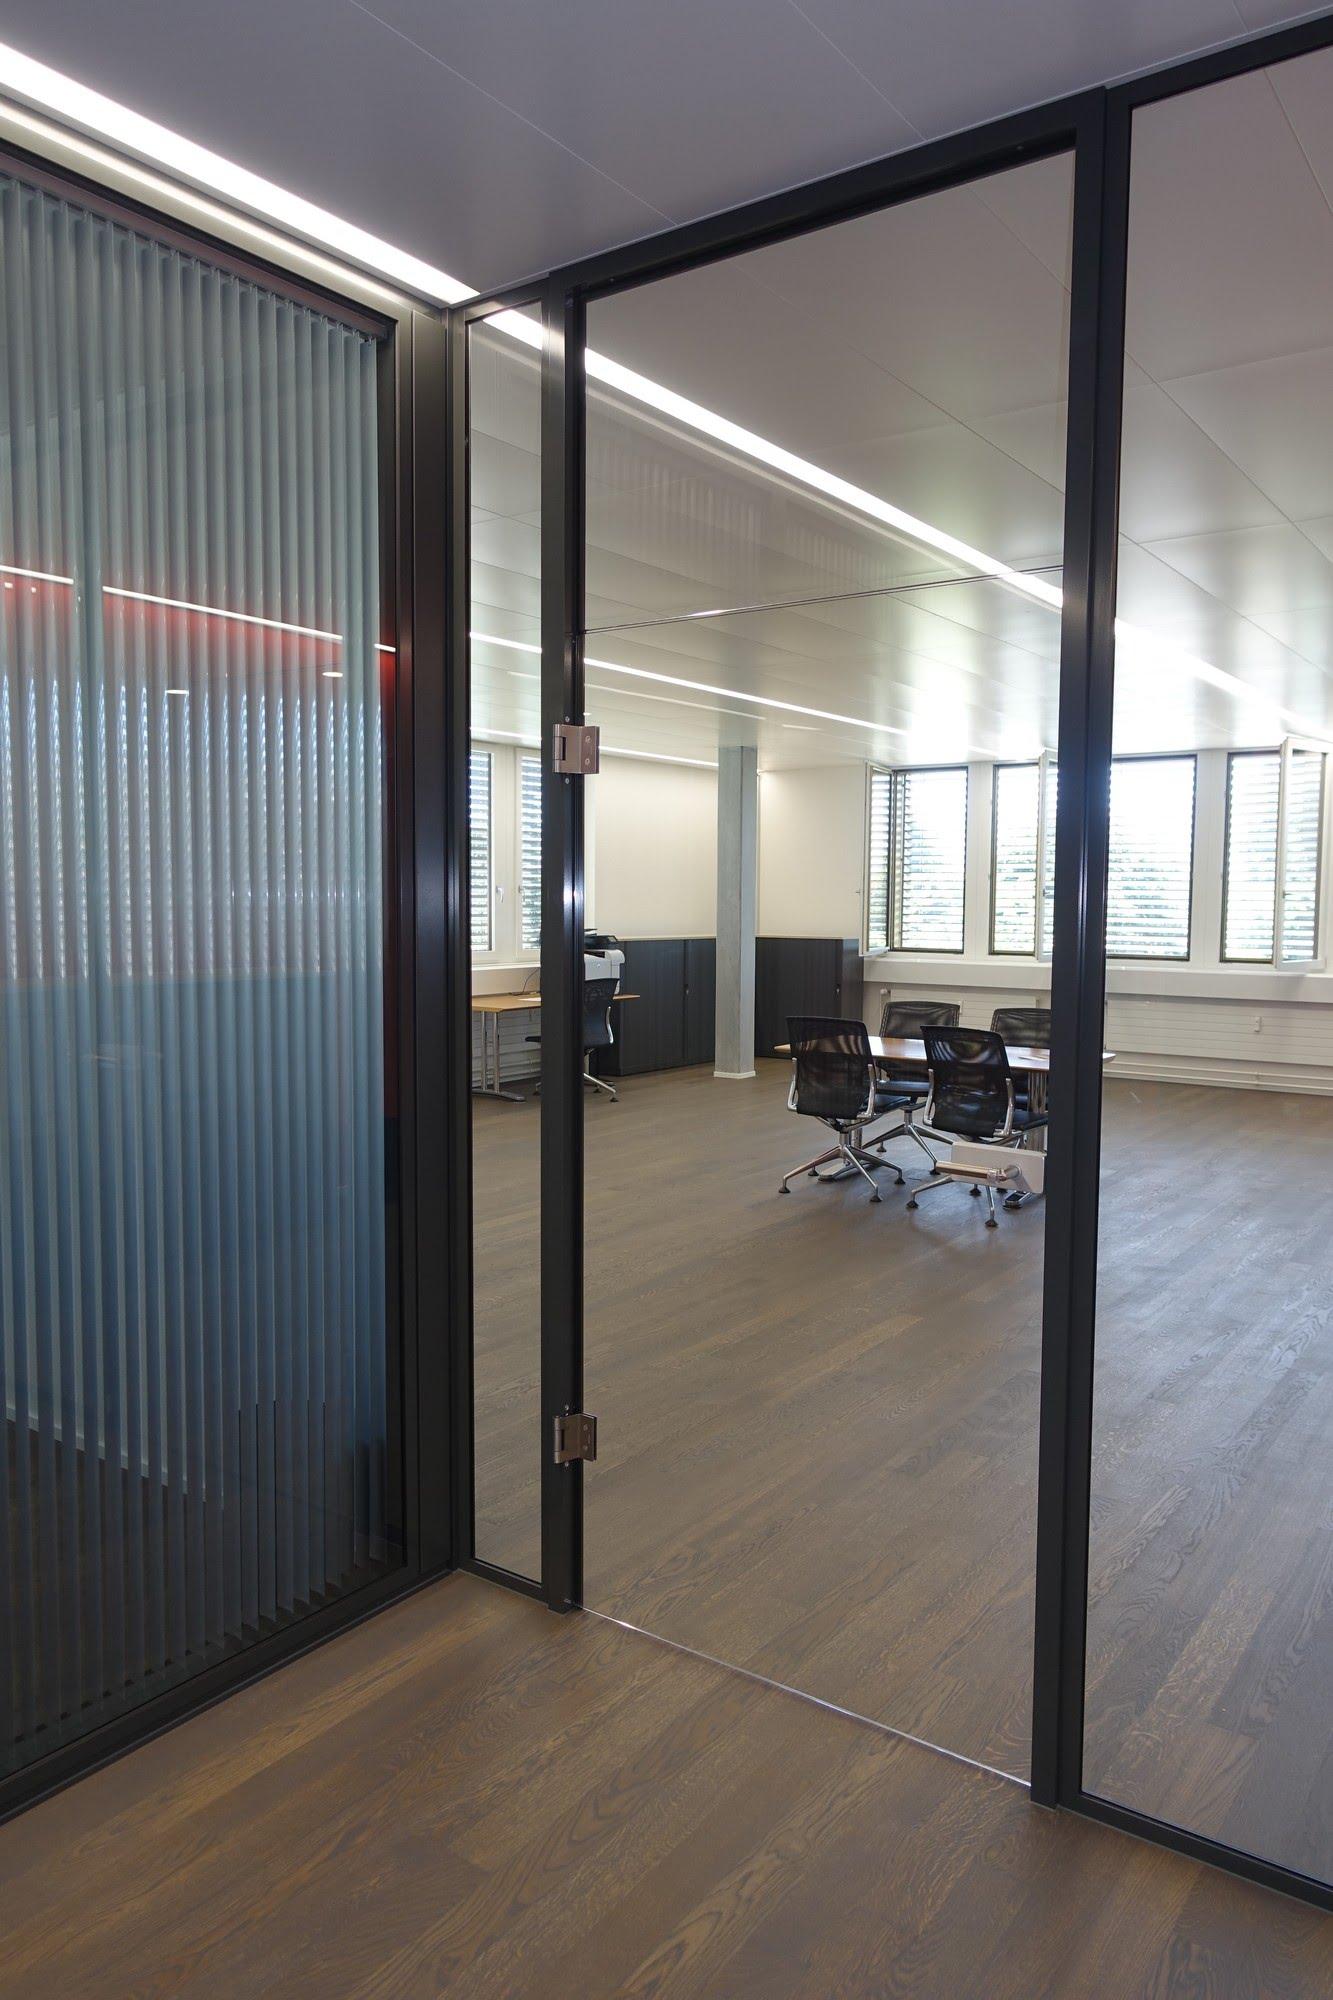 Metalldecken,NovaFlex - Bürotrennwand,NovaOne - Ganzglaswände,Allvisual AG,Deckensystem-Wandsysteme,Trennwände Büro,Ganzglaswände,Bürotrennwand,Akustikdecken,Schallschutzdecken,Trennwände,Glaswände,Faltwände,Raumgestaltung,Trennwand Systeme